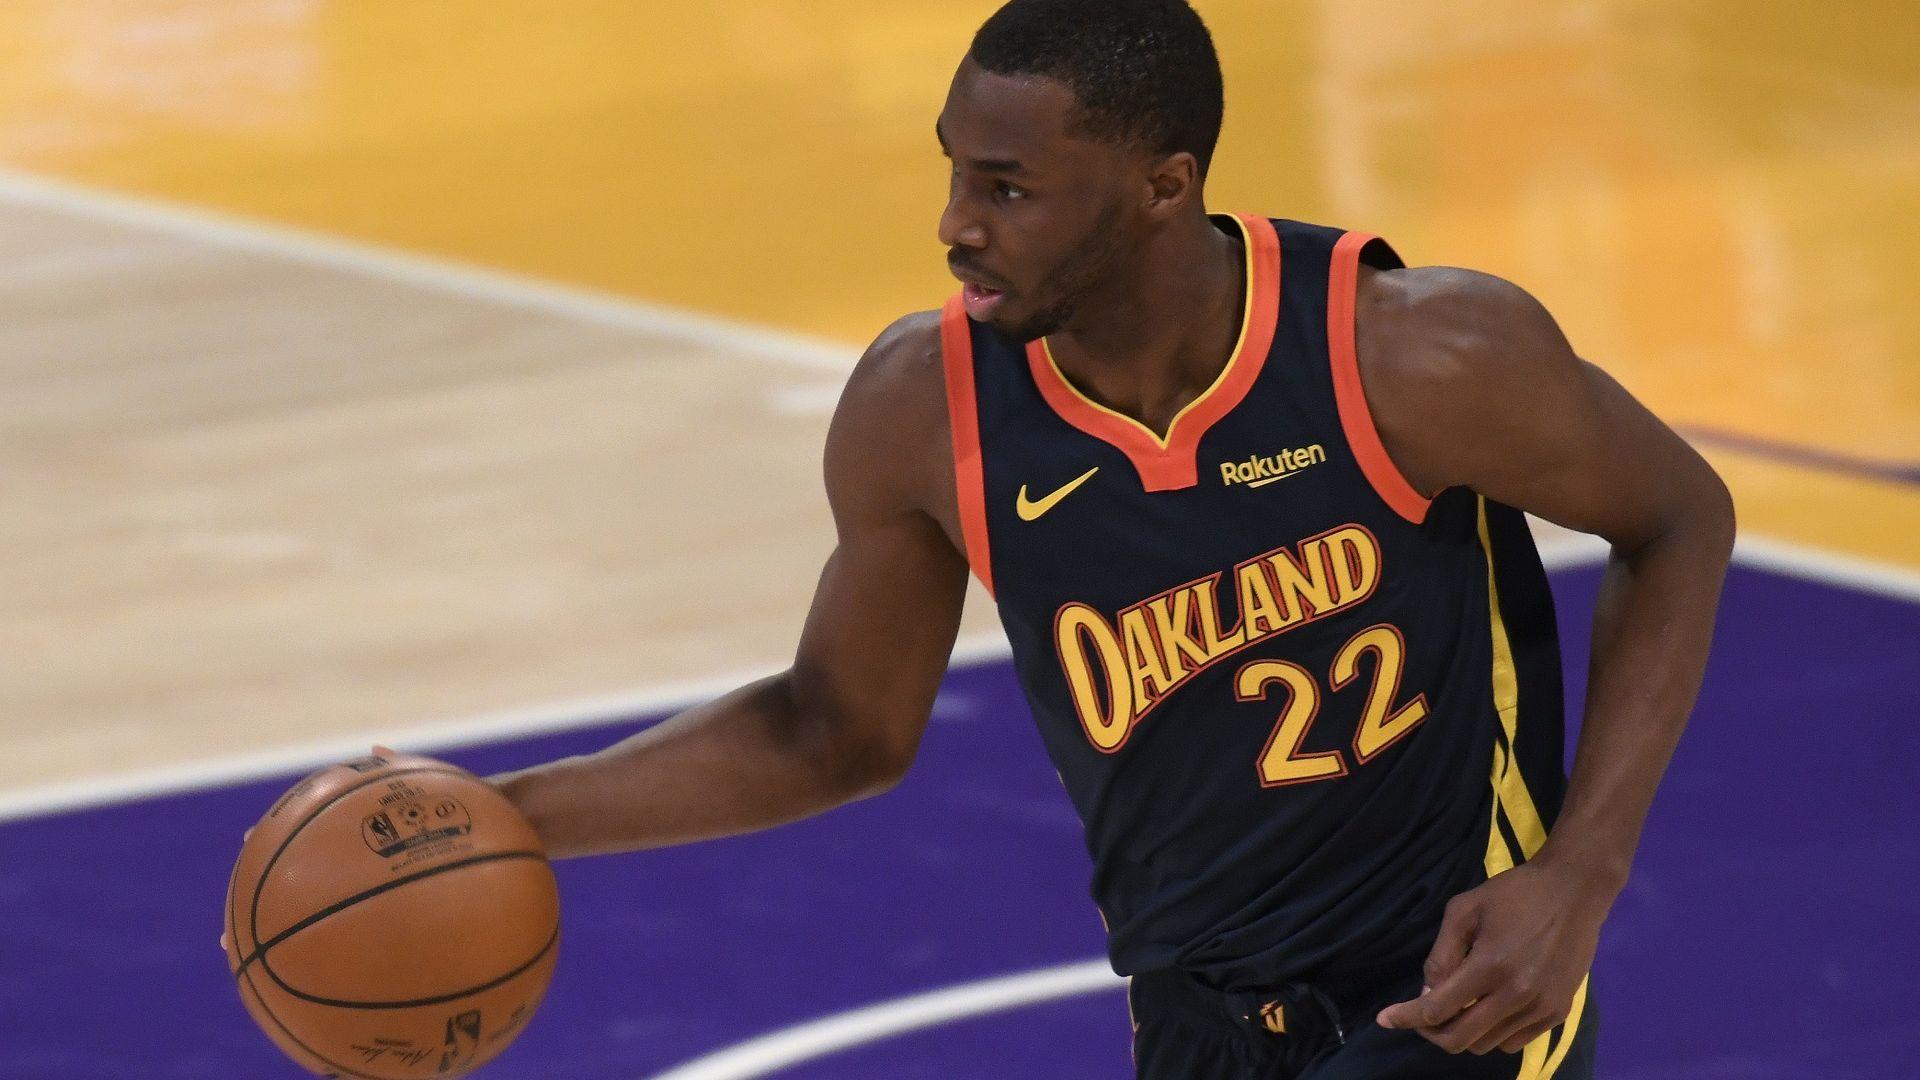 Заплахата да изпусне половин сезон накара НБА звезда да се ваксинира